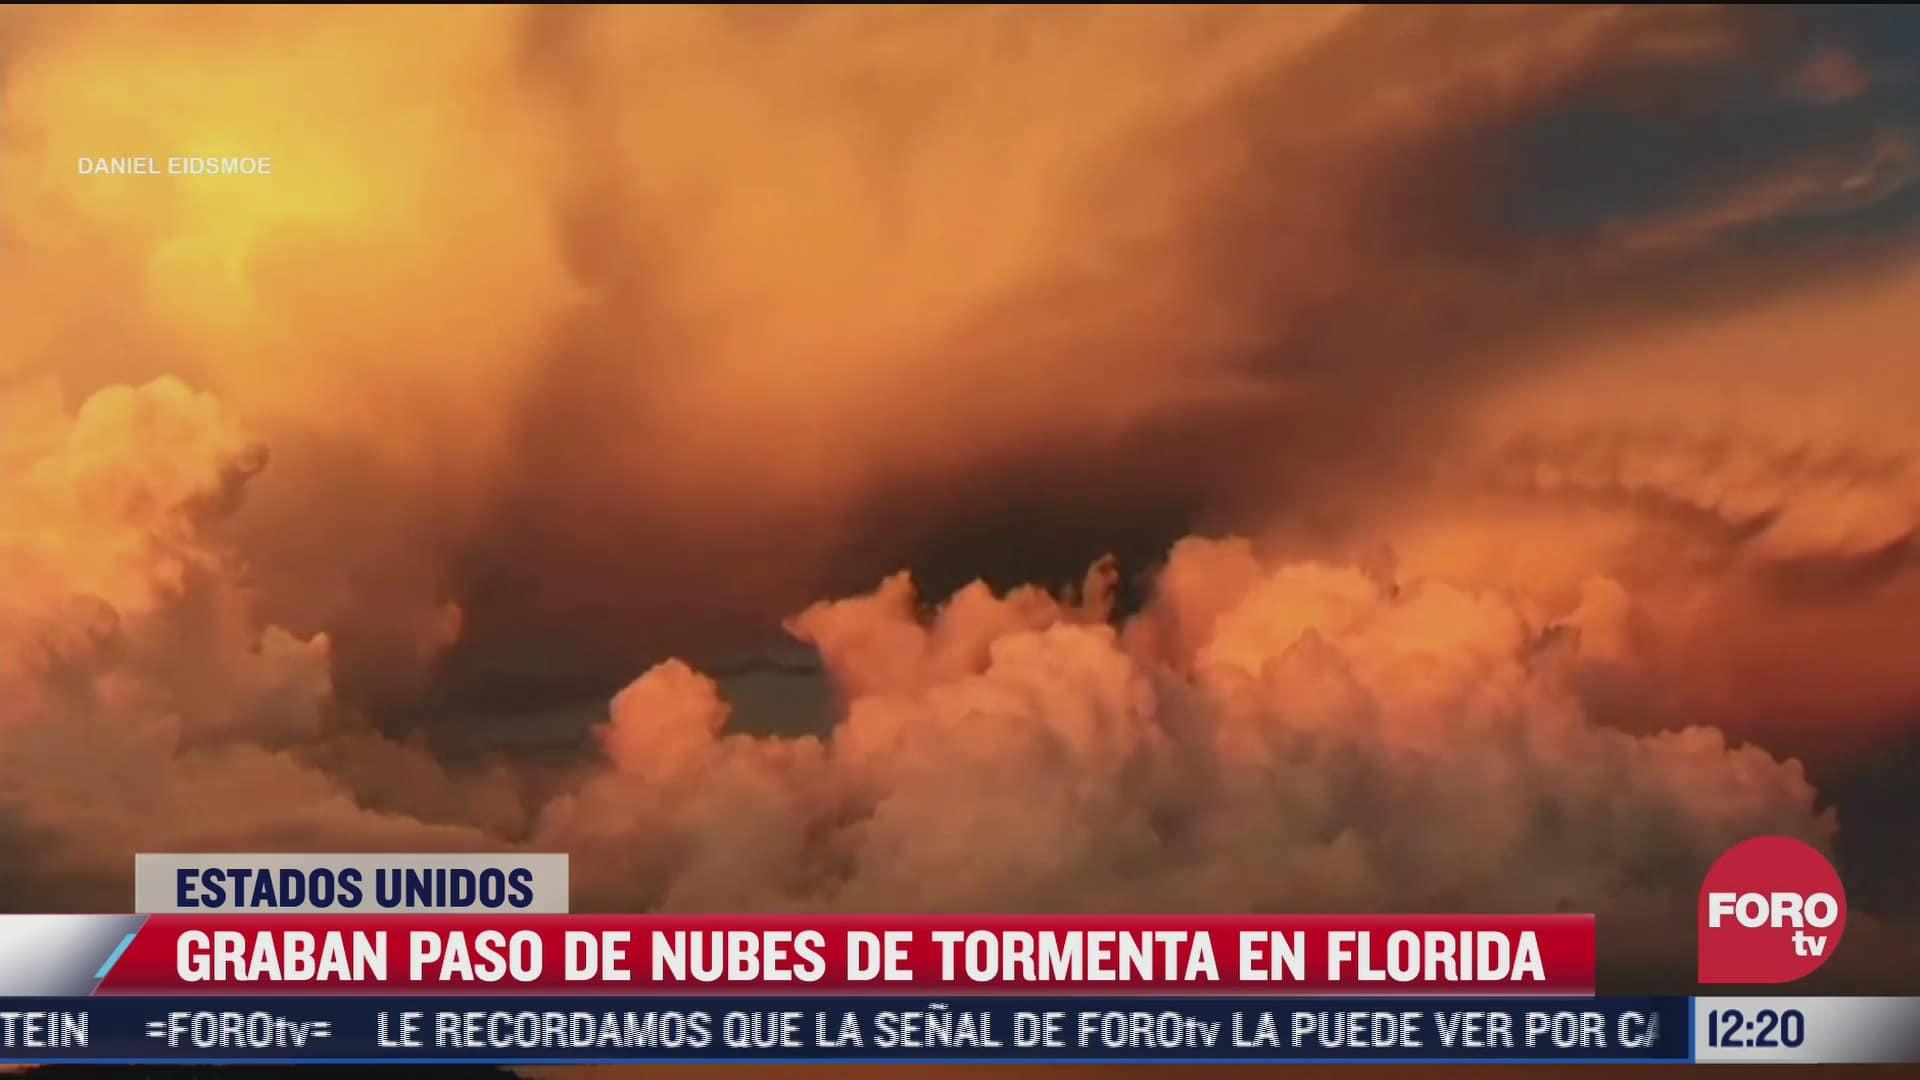 las impactantes imagenes de una tormenta sobre florida